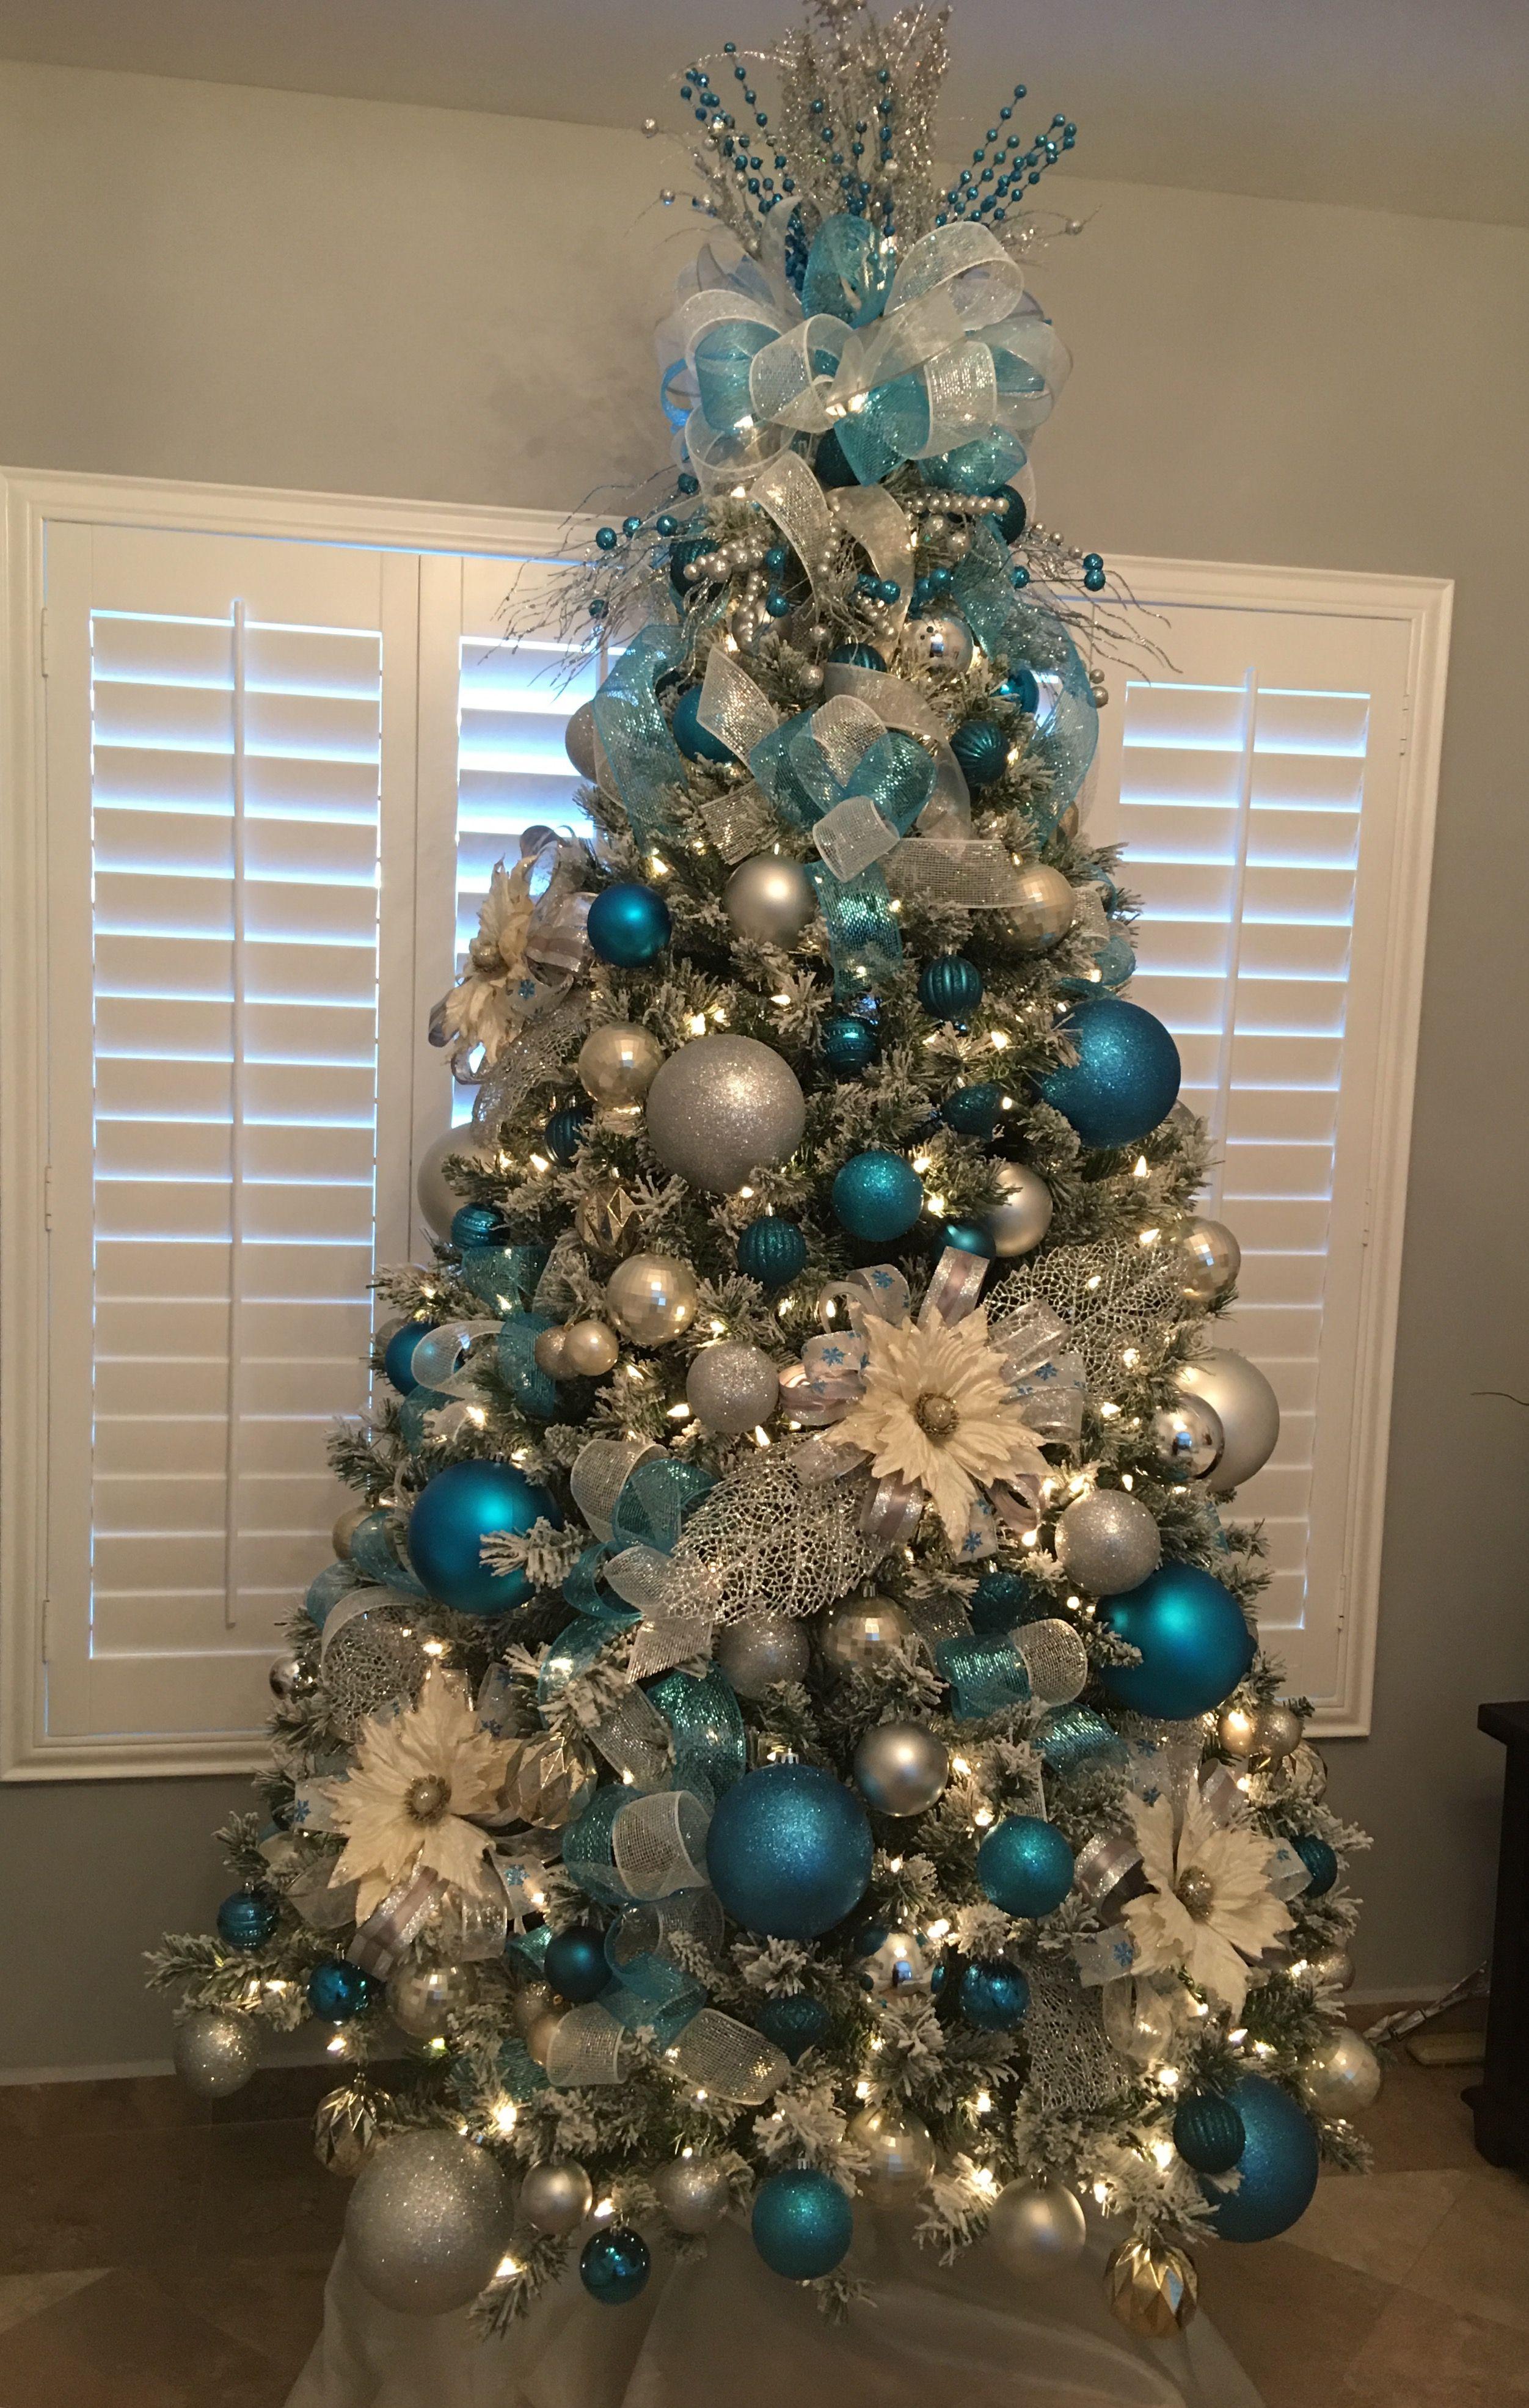 Pin By Gerilee Alvarez On Christmas My Way Elegant Christmas Trees Blue Christmas Tree Decorations Christmas Tree Decorations